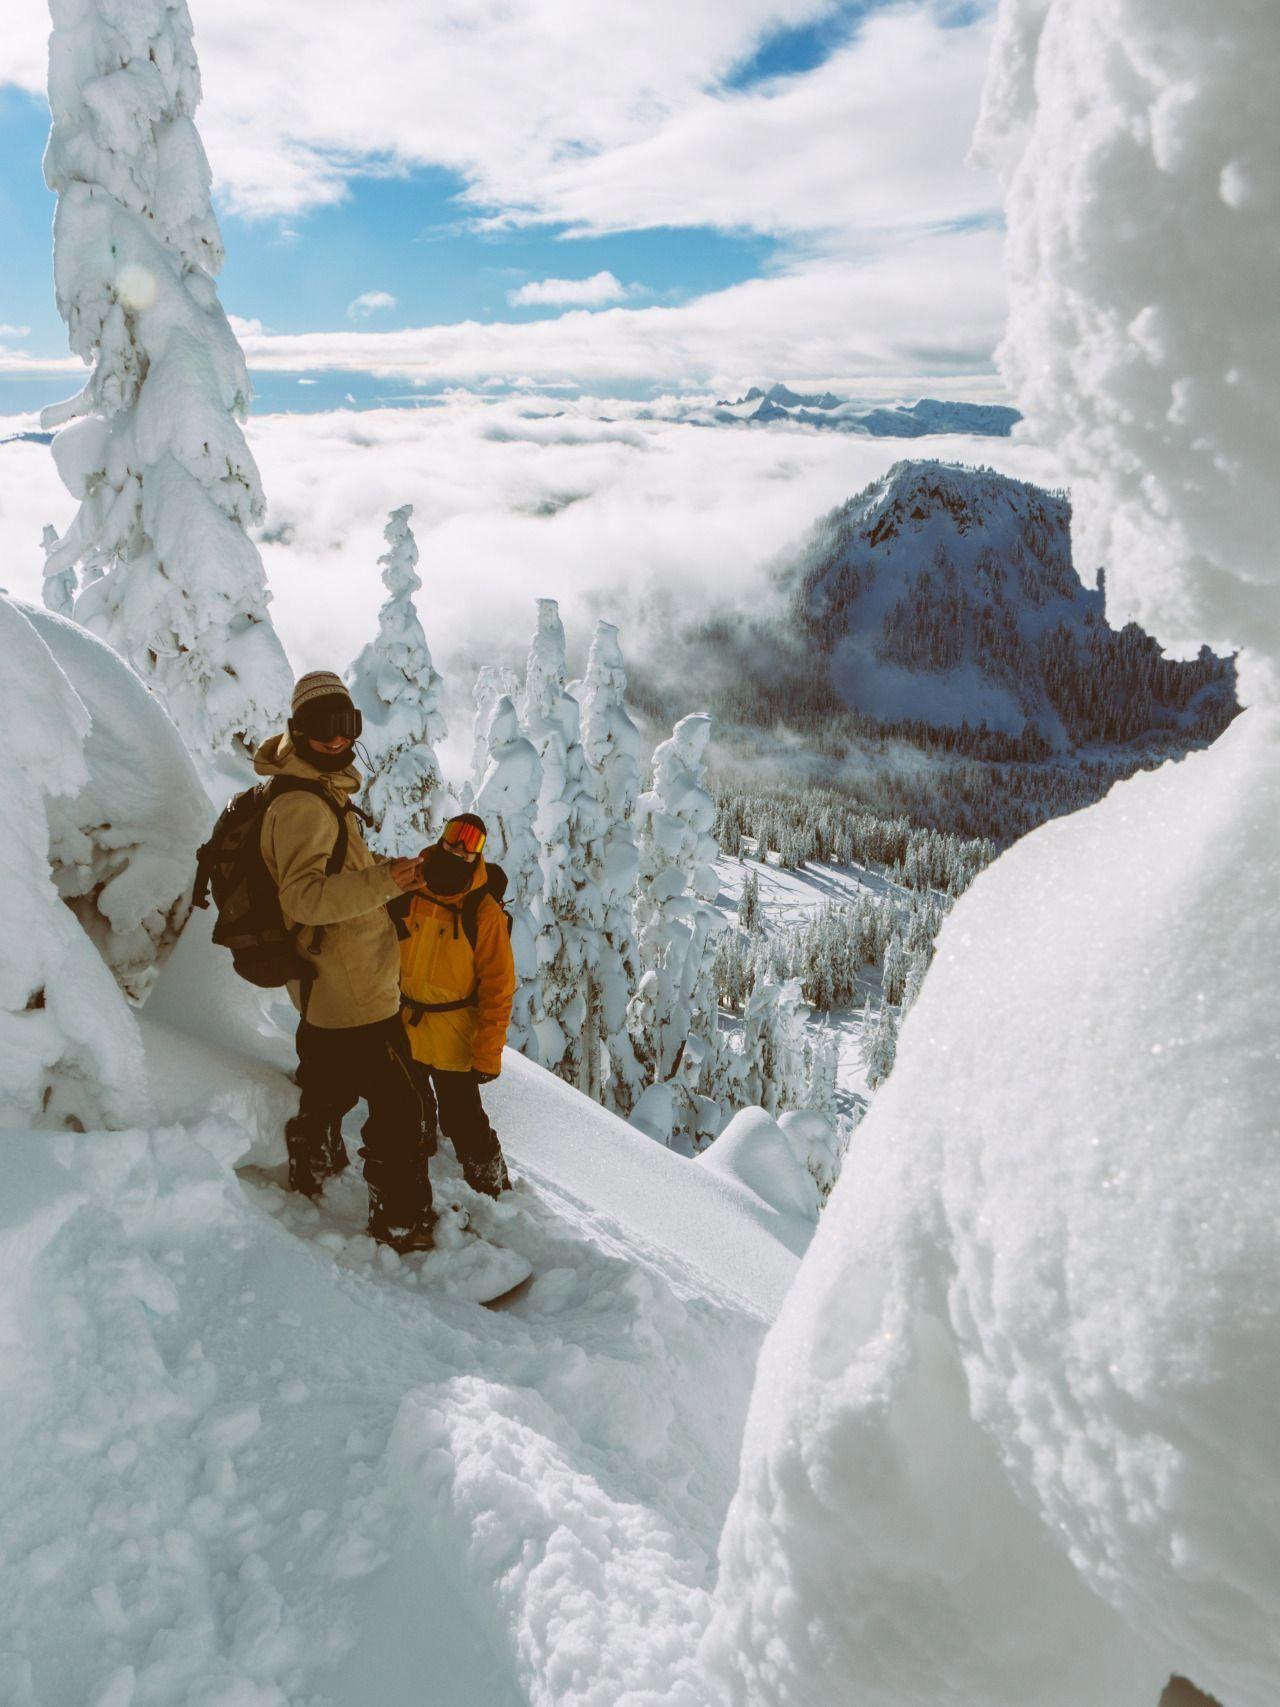 shred snowboard powder Snowboarding (с изображениями